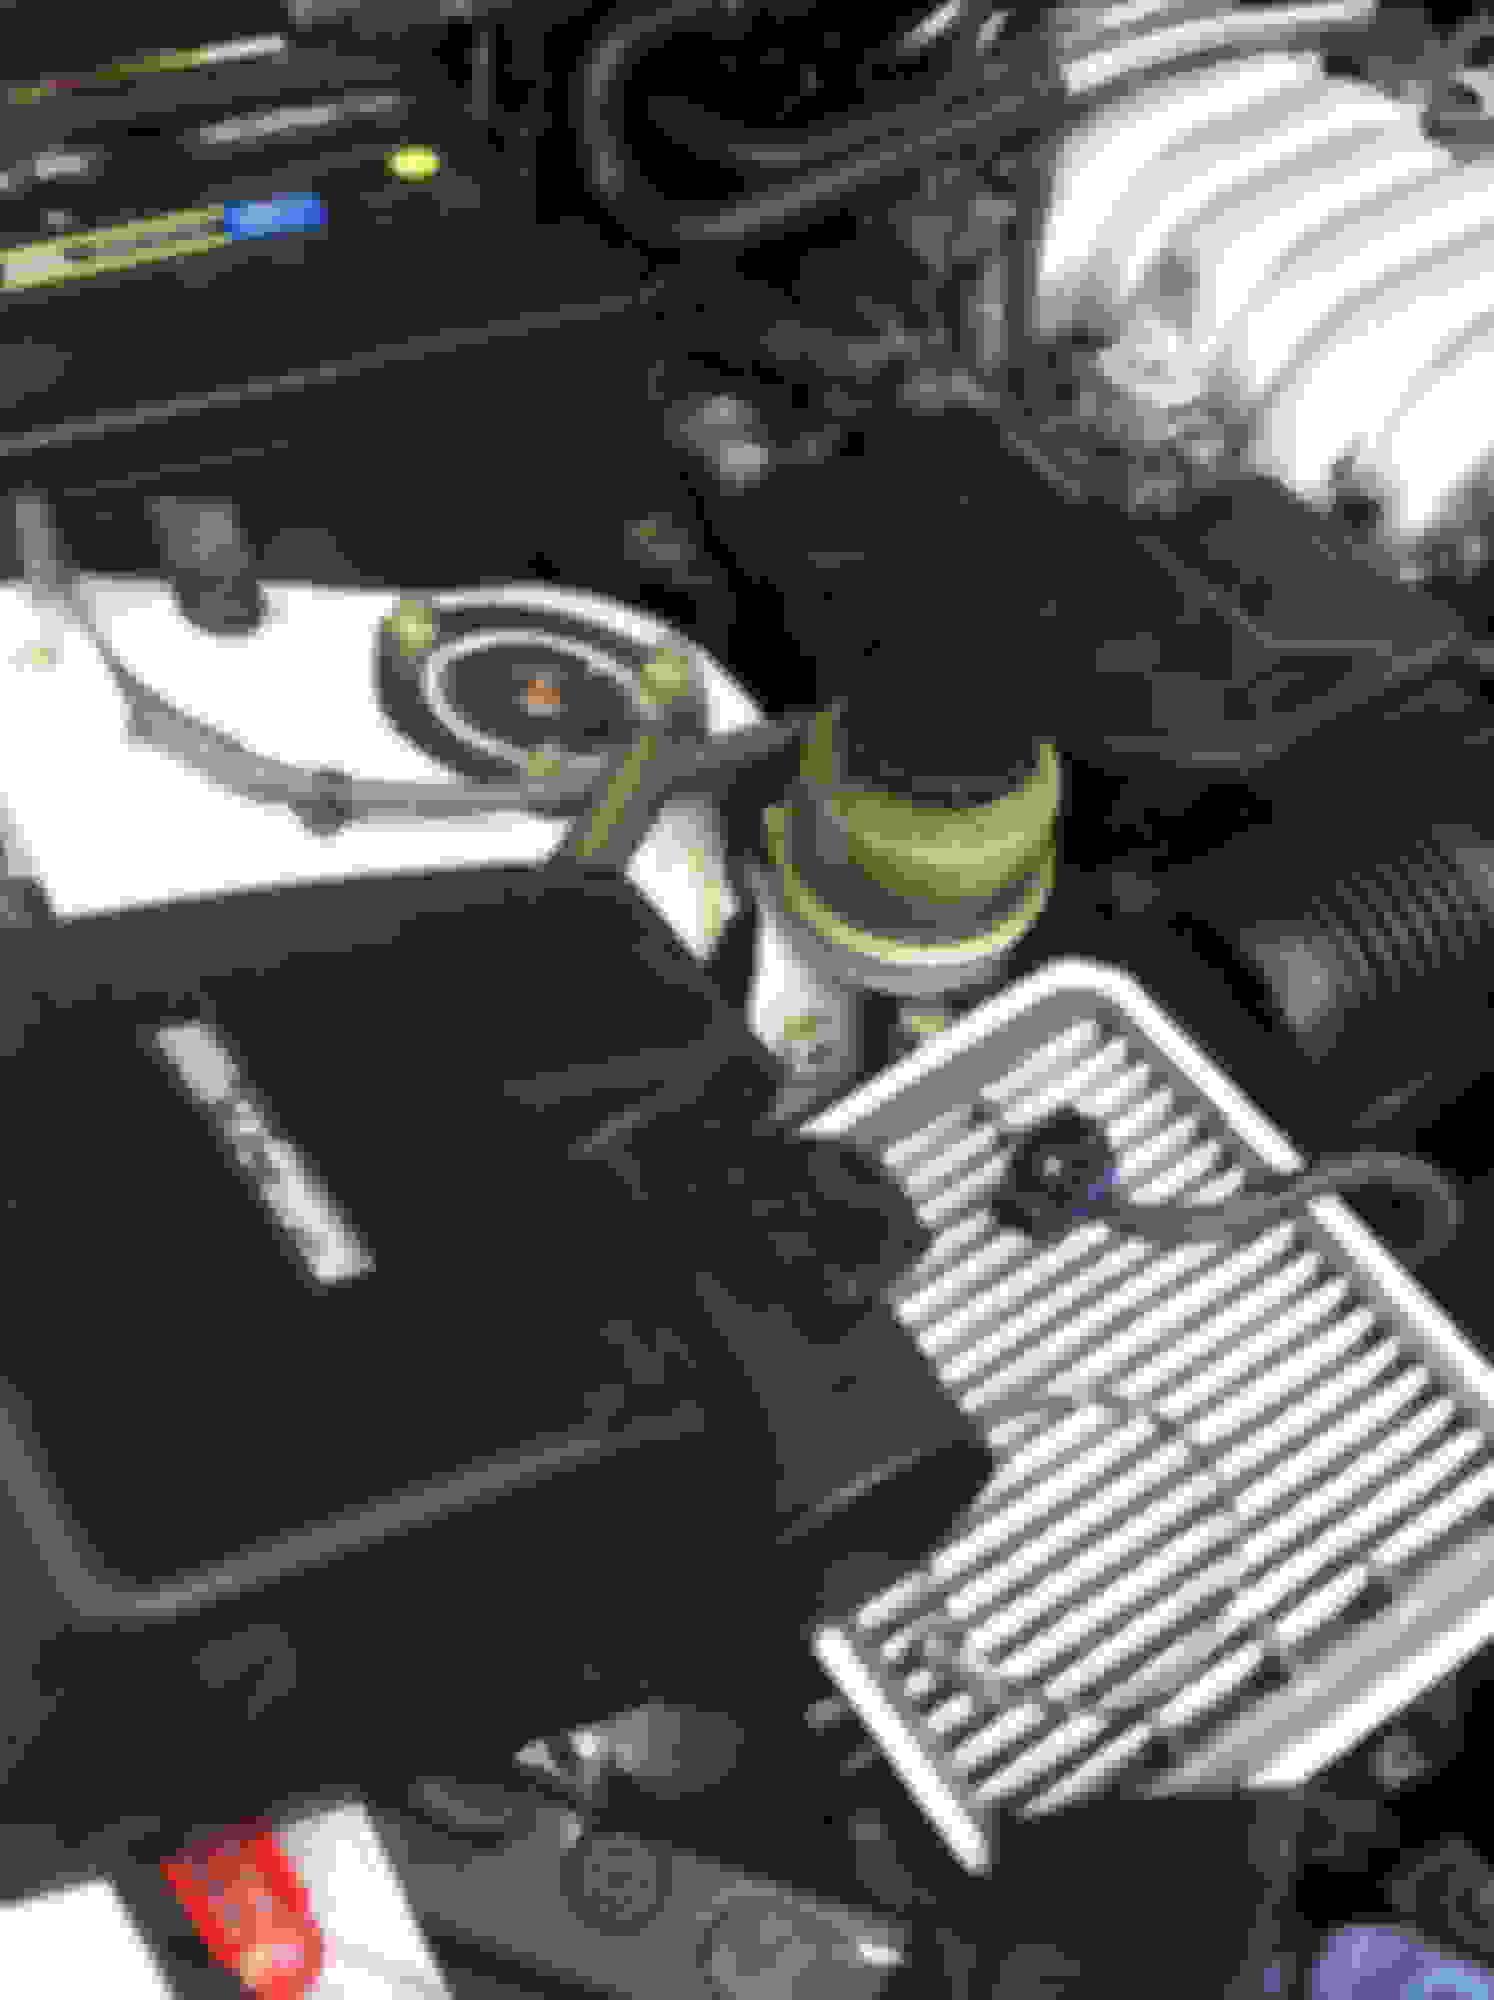 DIY - MAF Sensor and Throttle Body Cleaning - ClubLexus